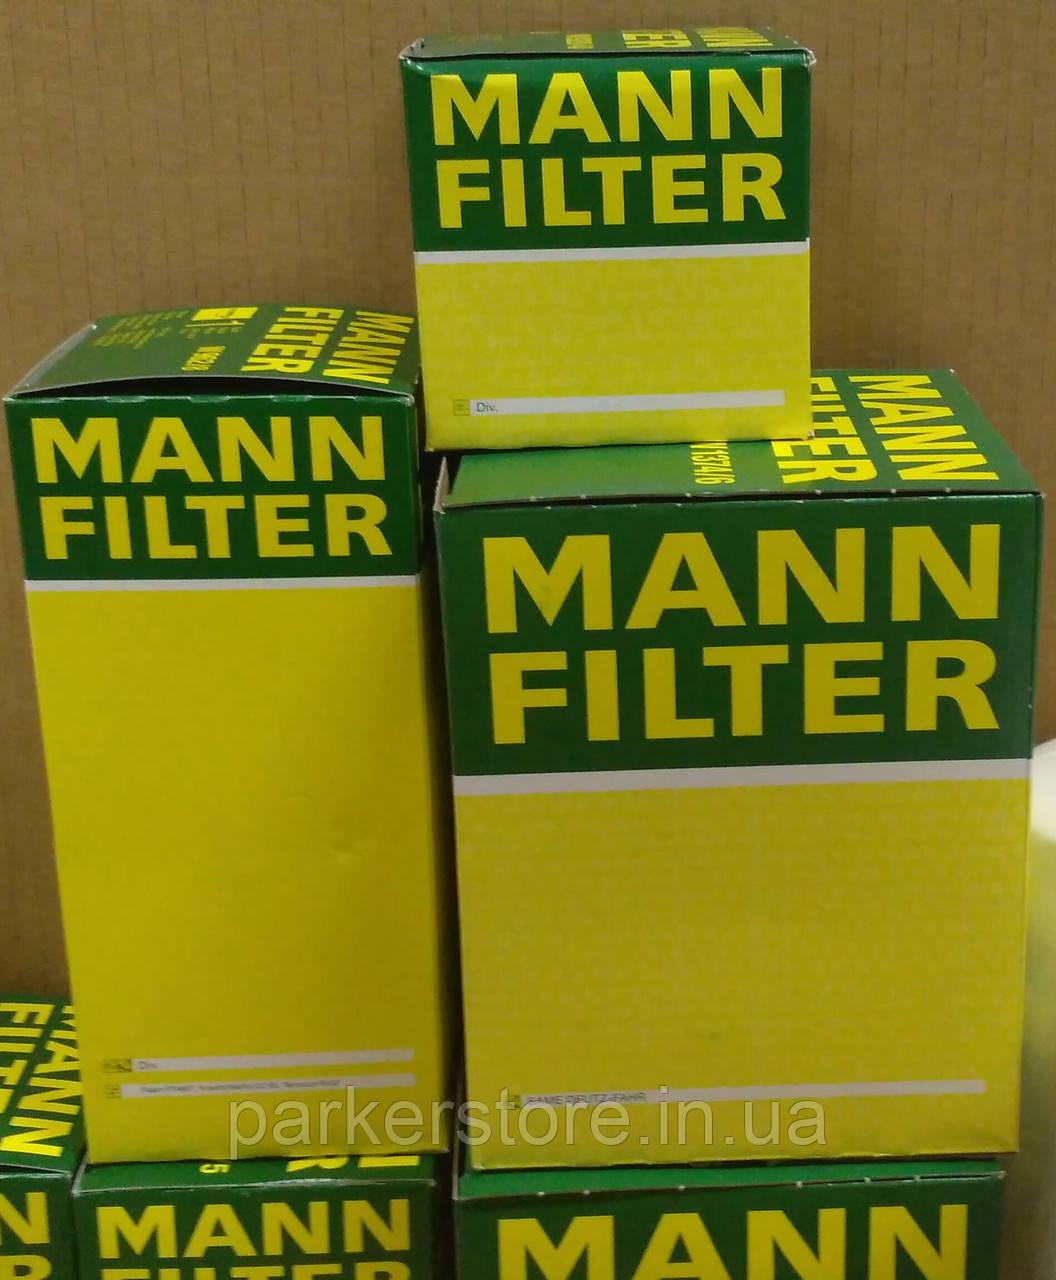 MANN FILTER / Воздушный фильтр / C 31 005 / C31005